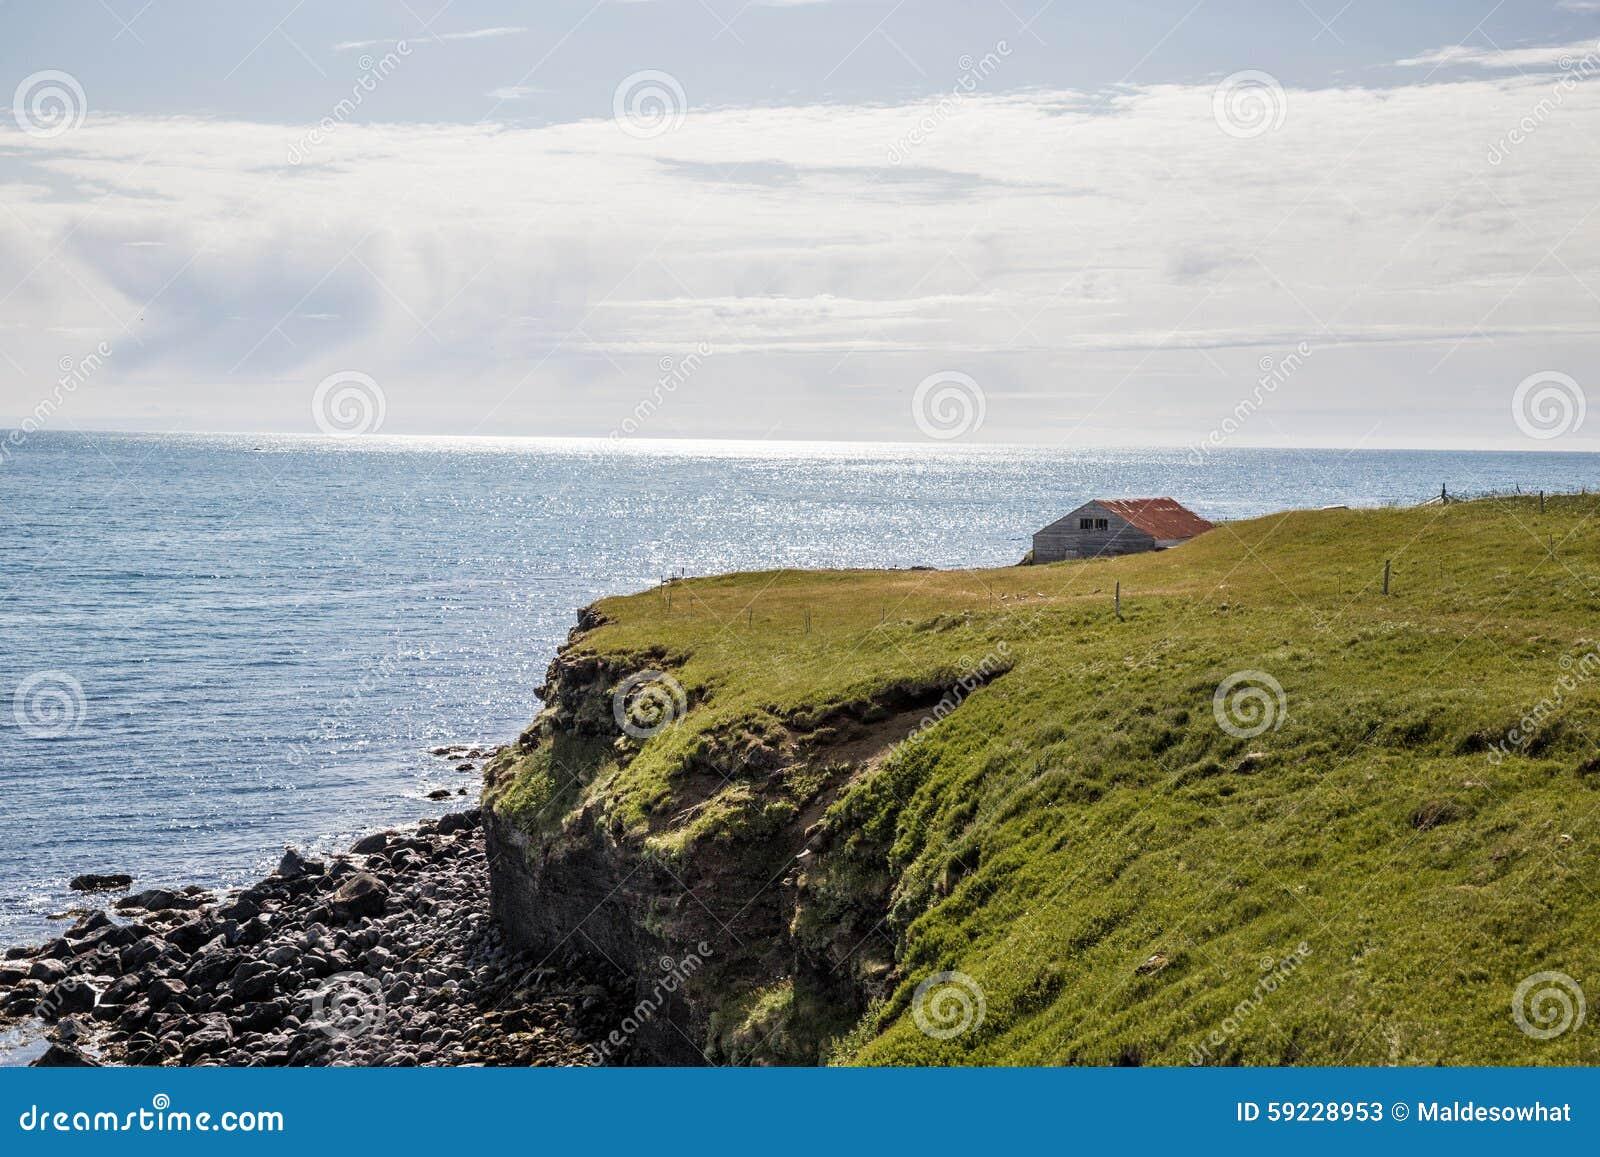 Download Casa por la costa imagen de archivo. Imagen de chispea - 59228953